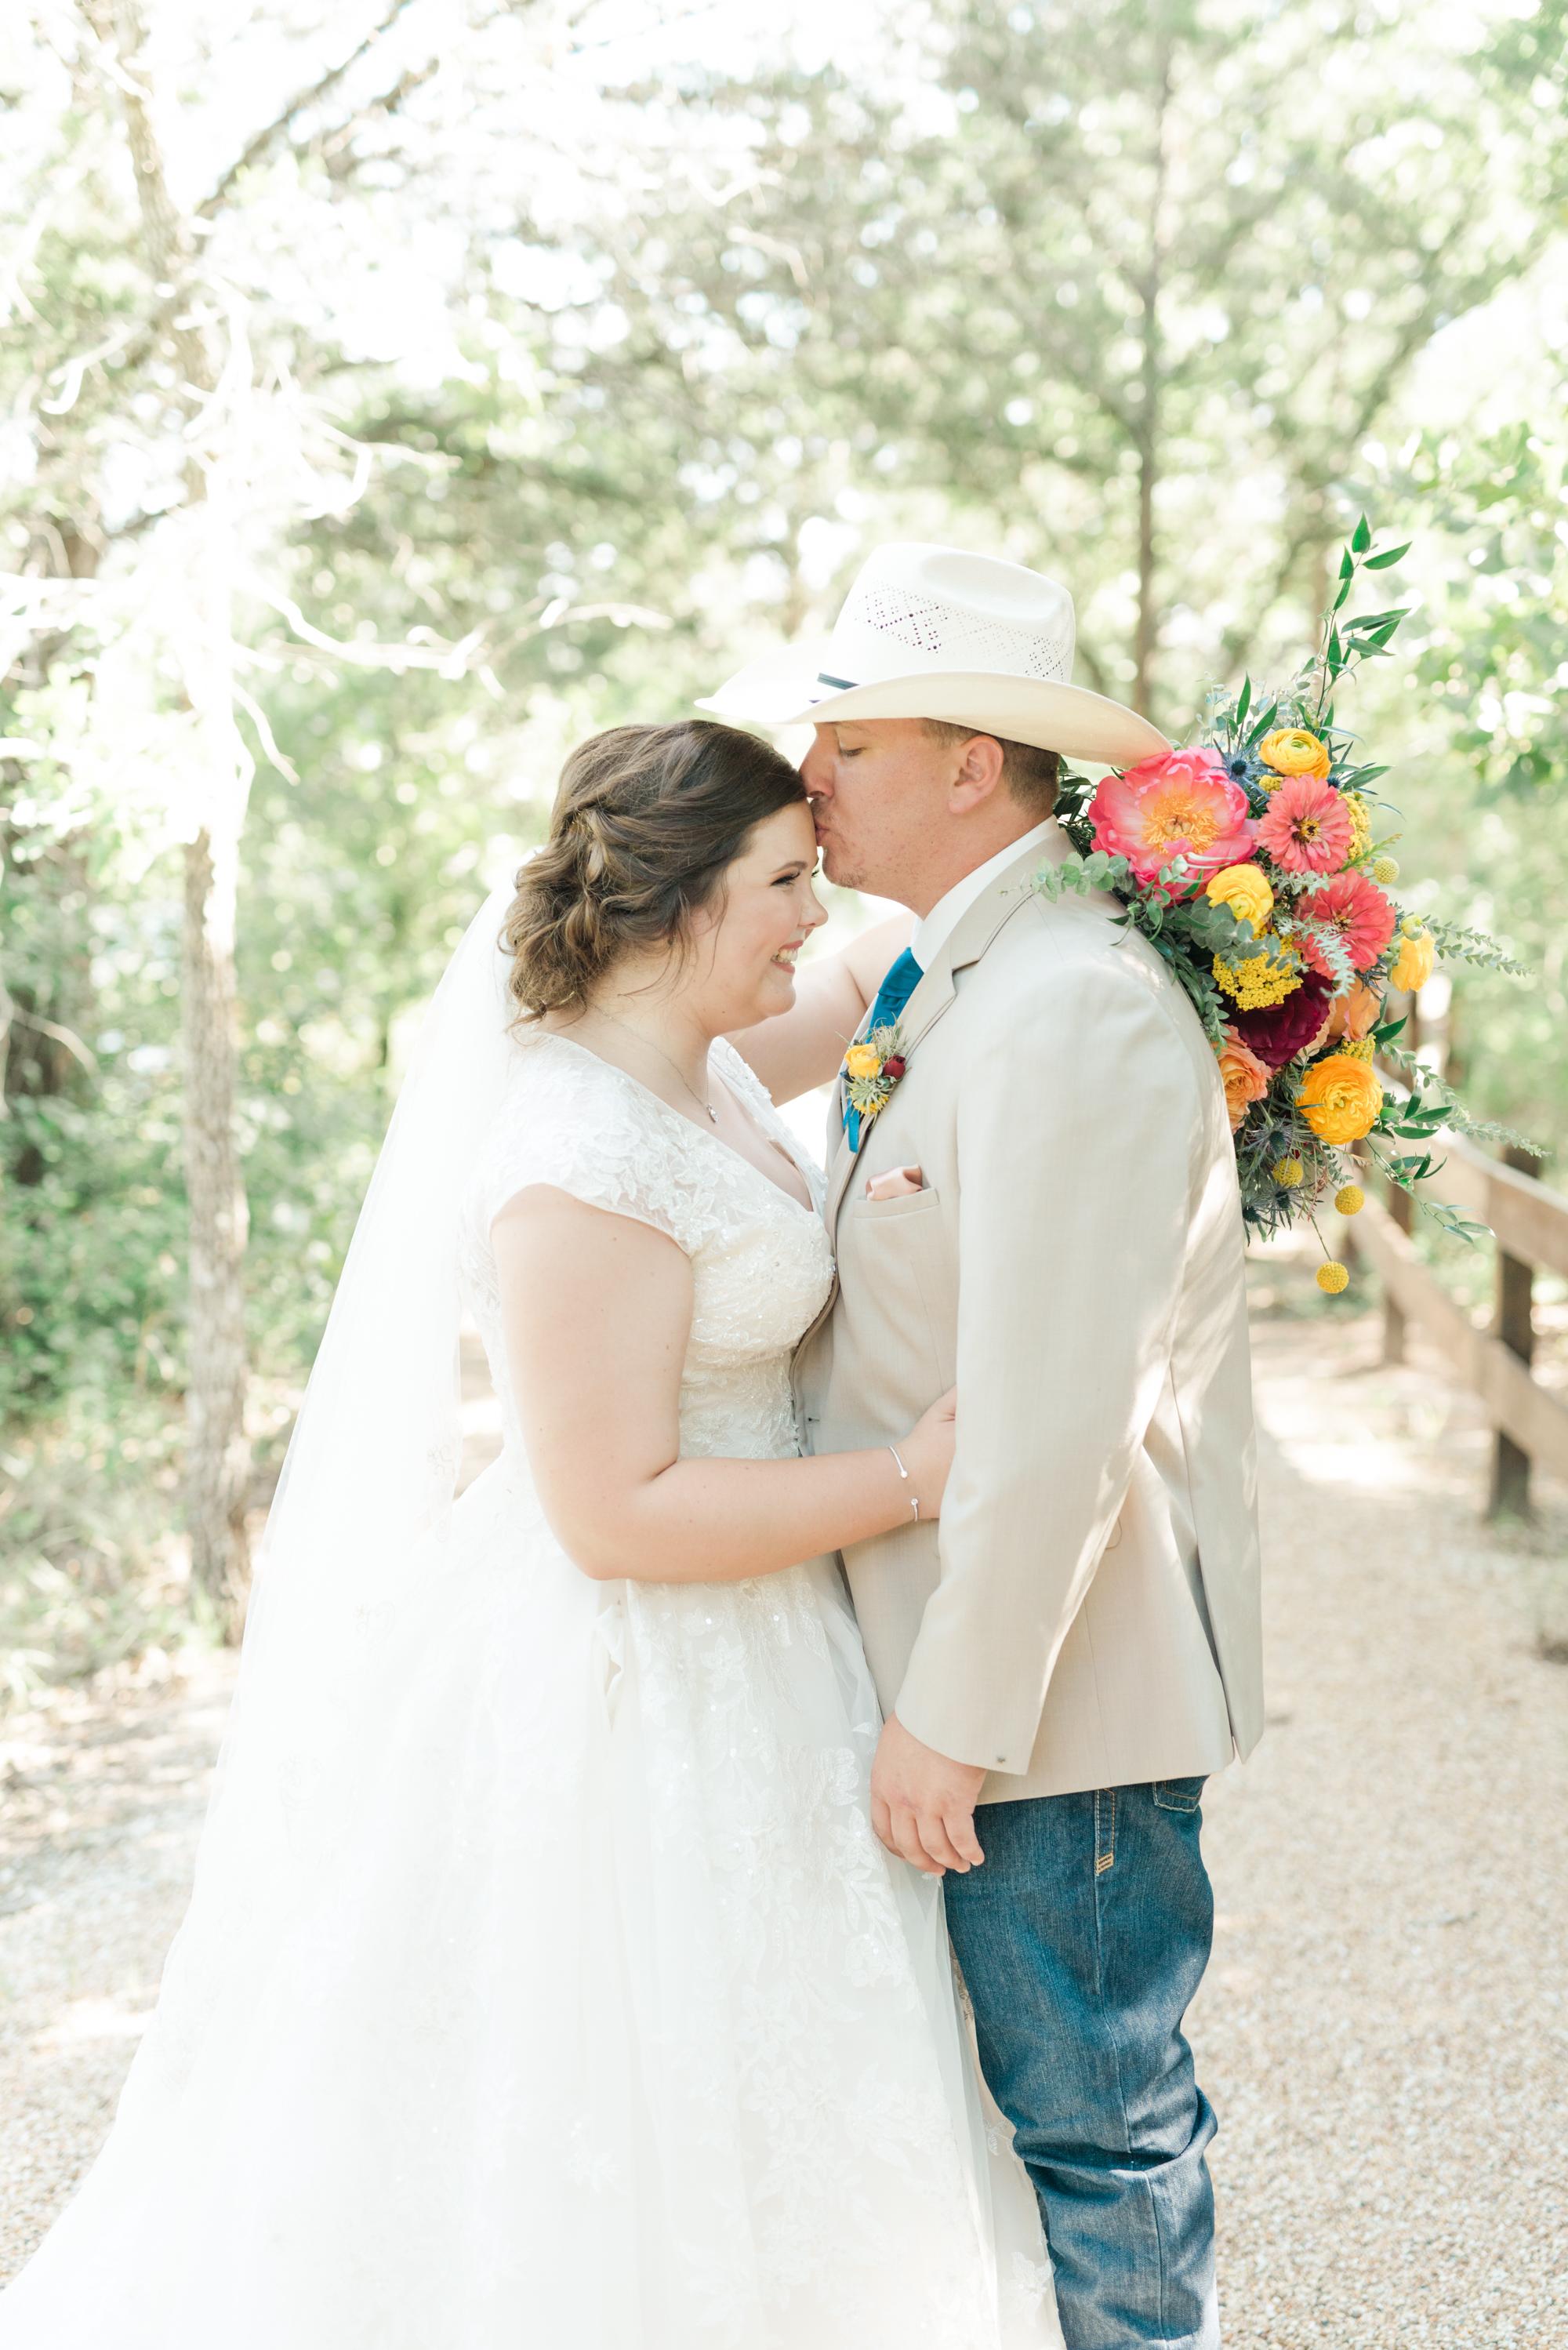 Wesley-Wedding-Ten23-Photography-362.jpg